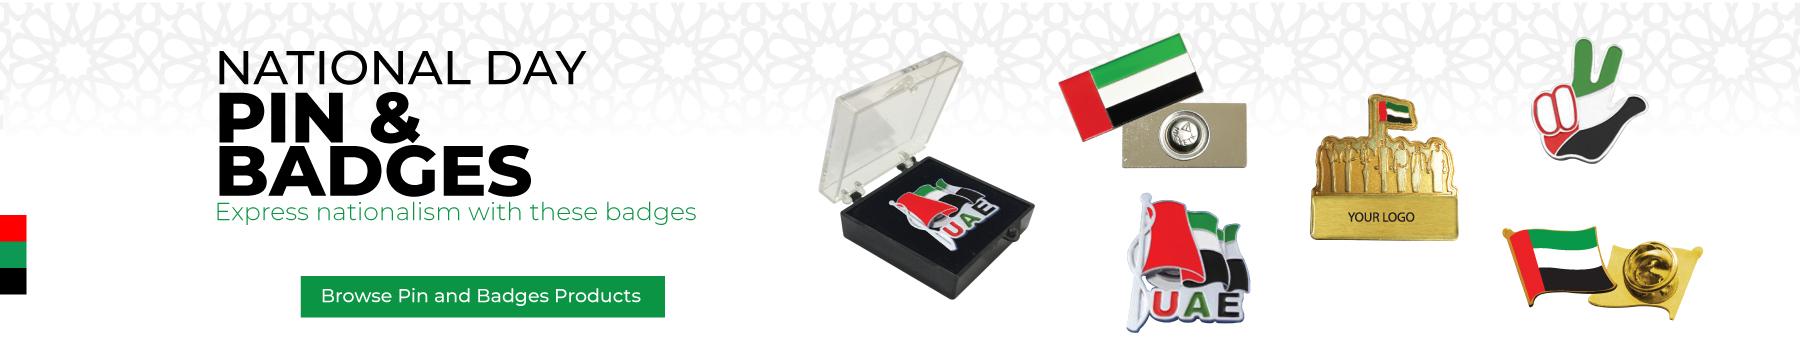 UAE Badges